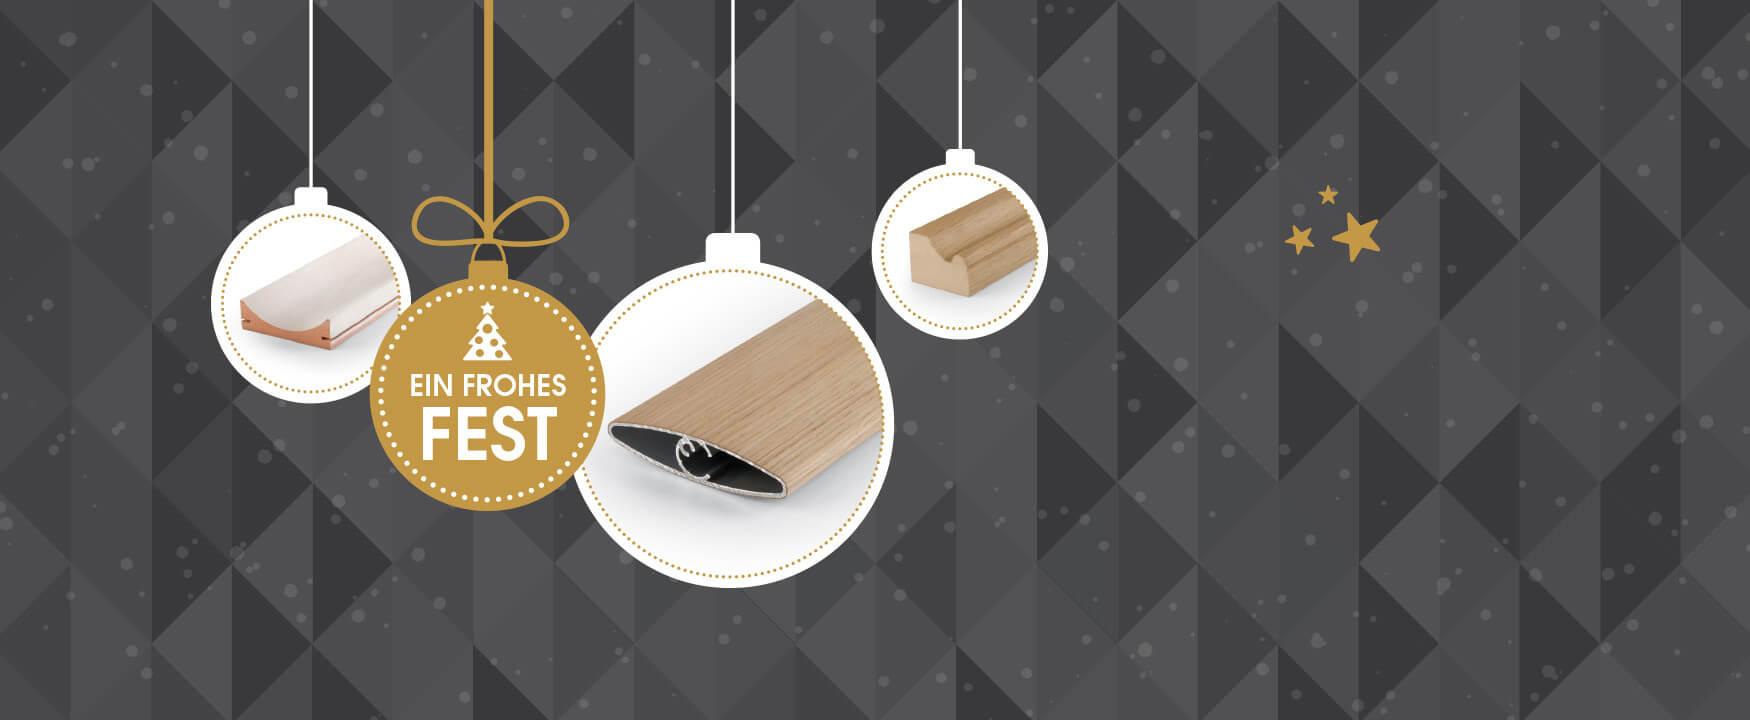 profilummantelung und m belteile l tkebohle nolte gmbh co kg. Black Bedroom Furniture Sets. Home Design Ideas